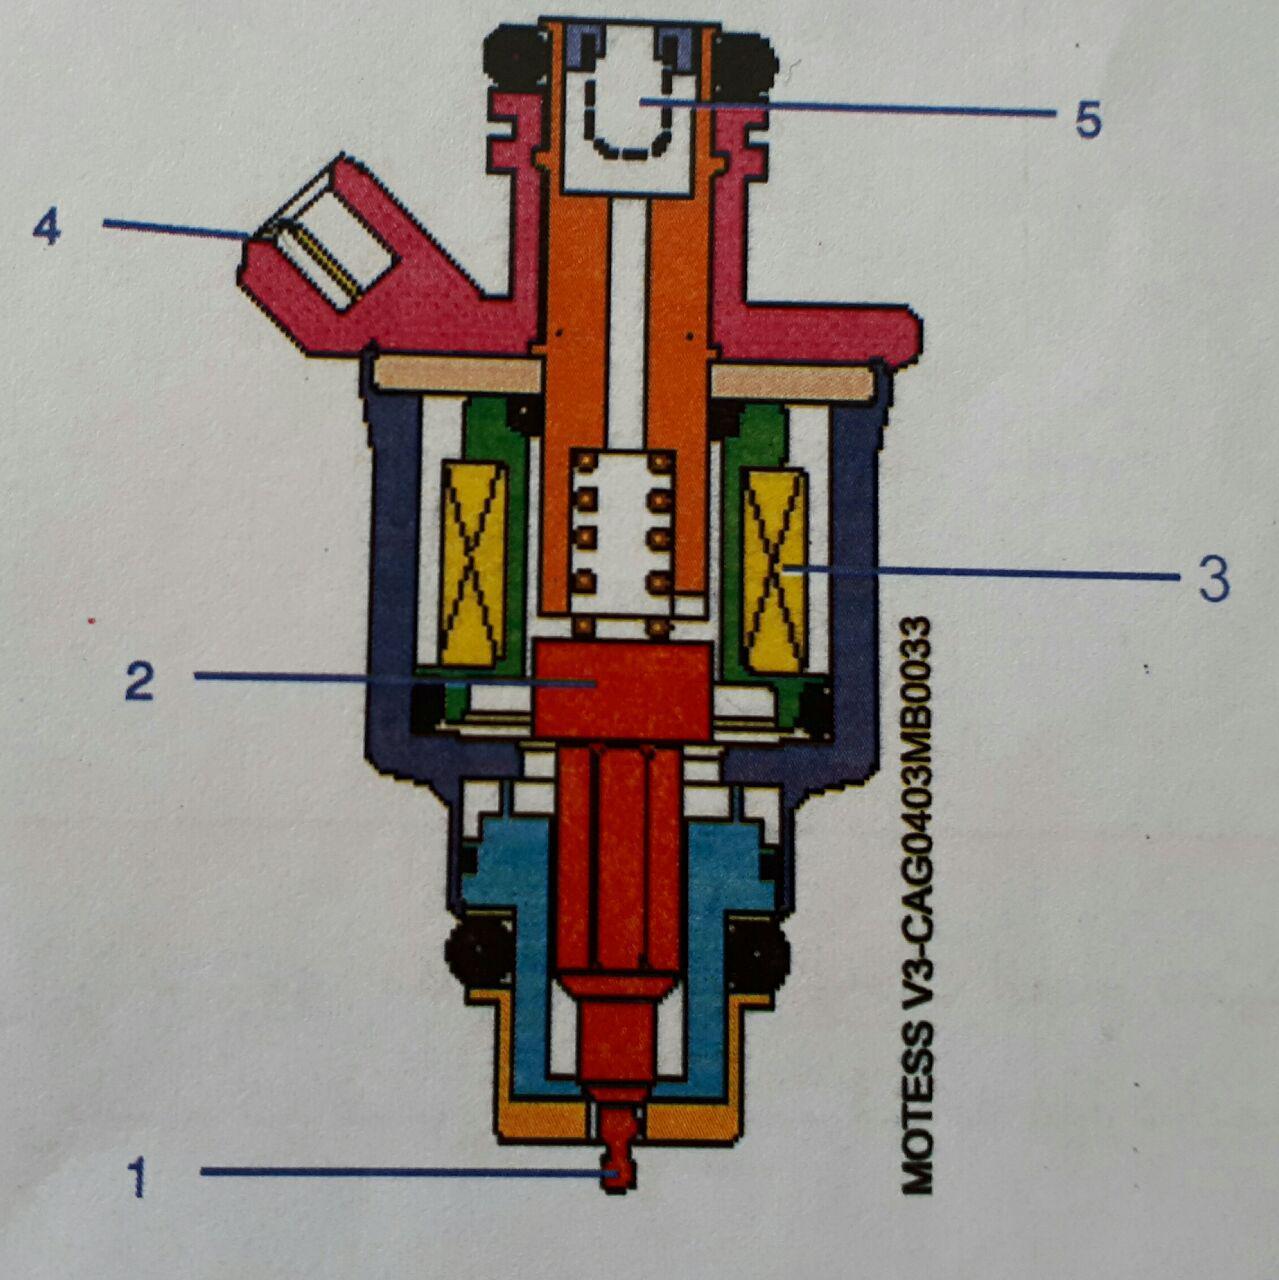 انژکتورهای معمولی پاشش غیر مستقیم